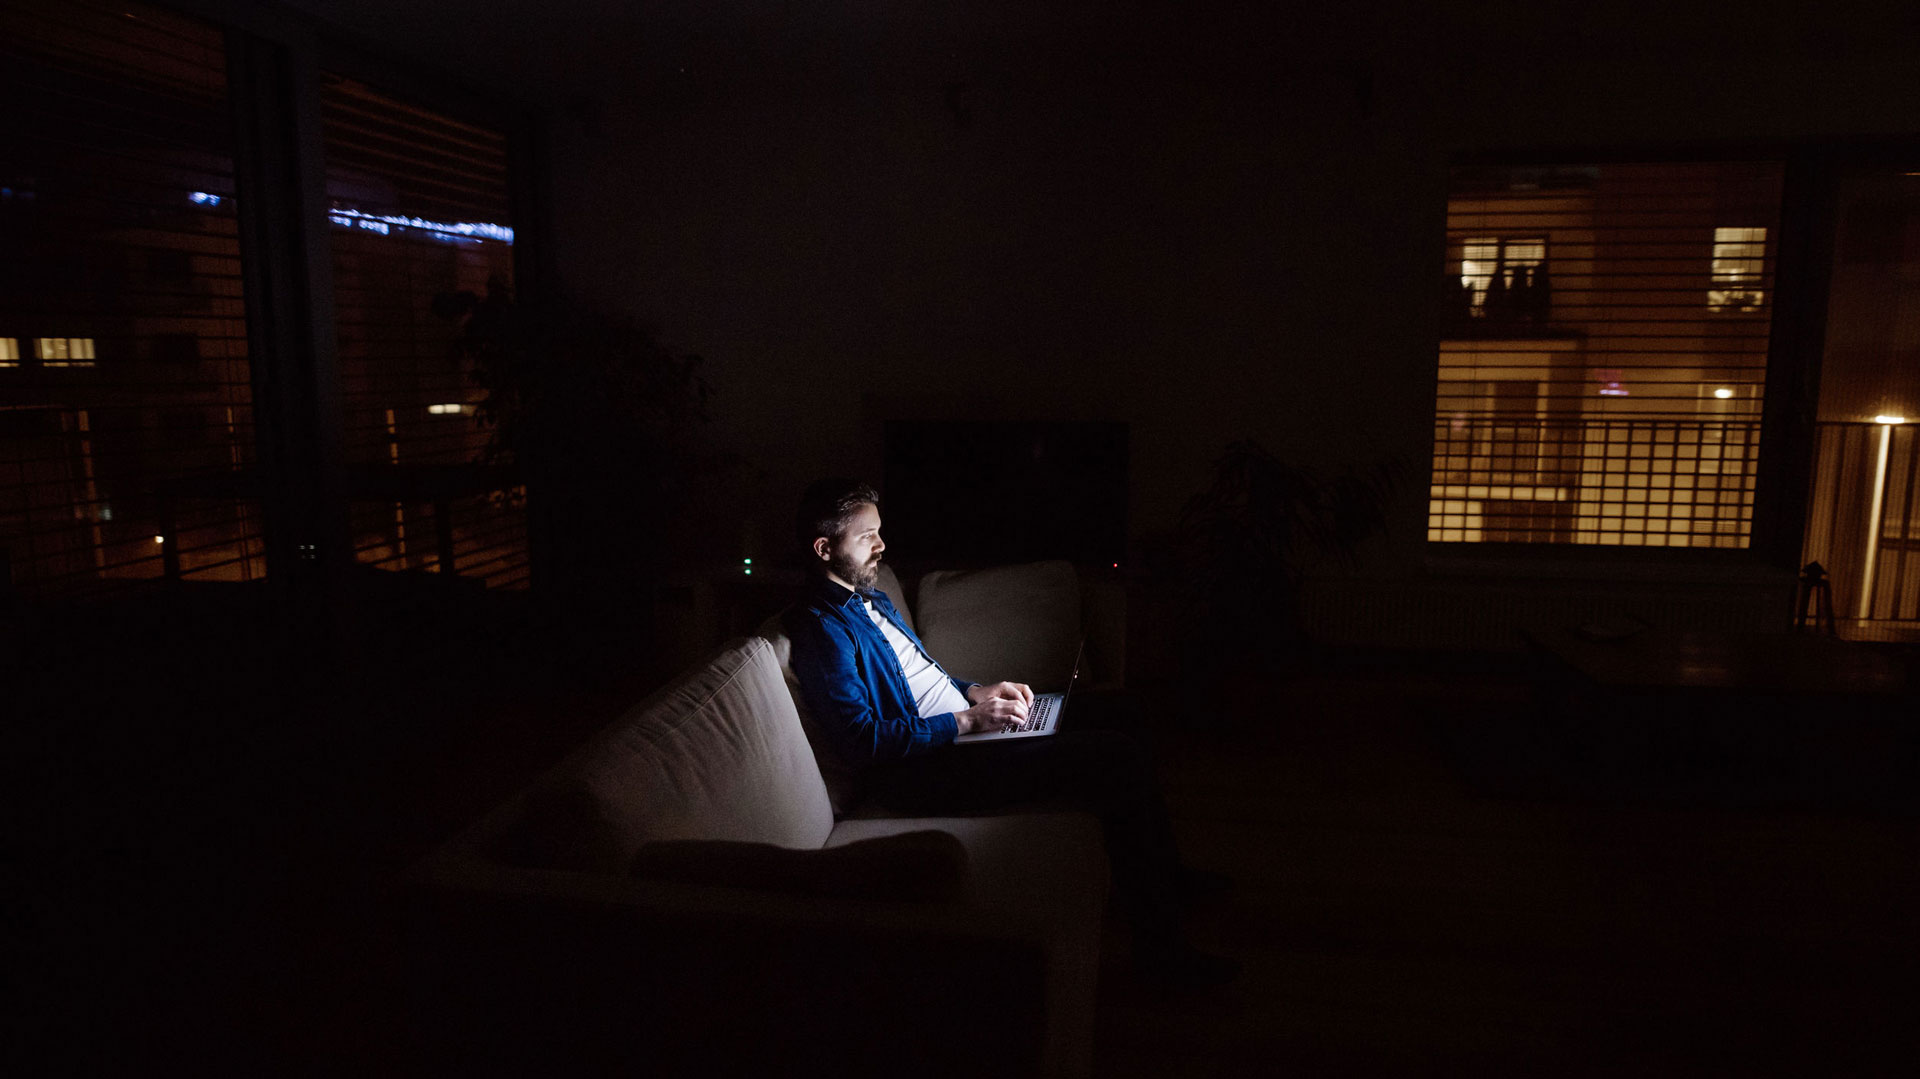 ilmaiset aikuisviihde videot ilmaista aikuis